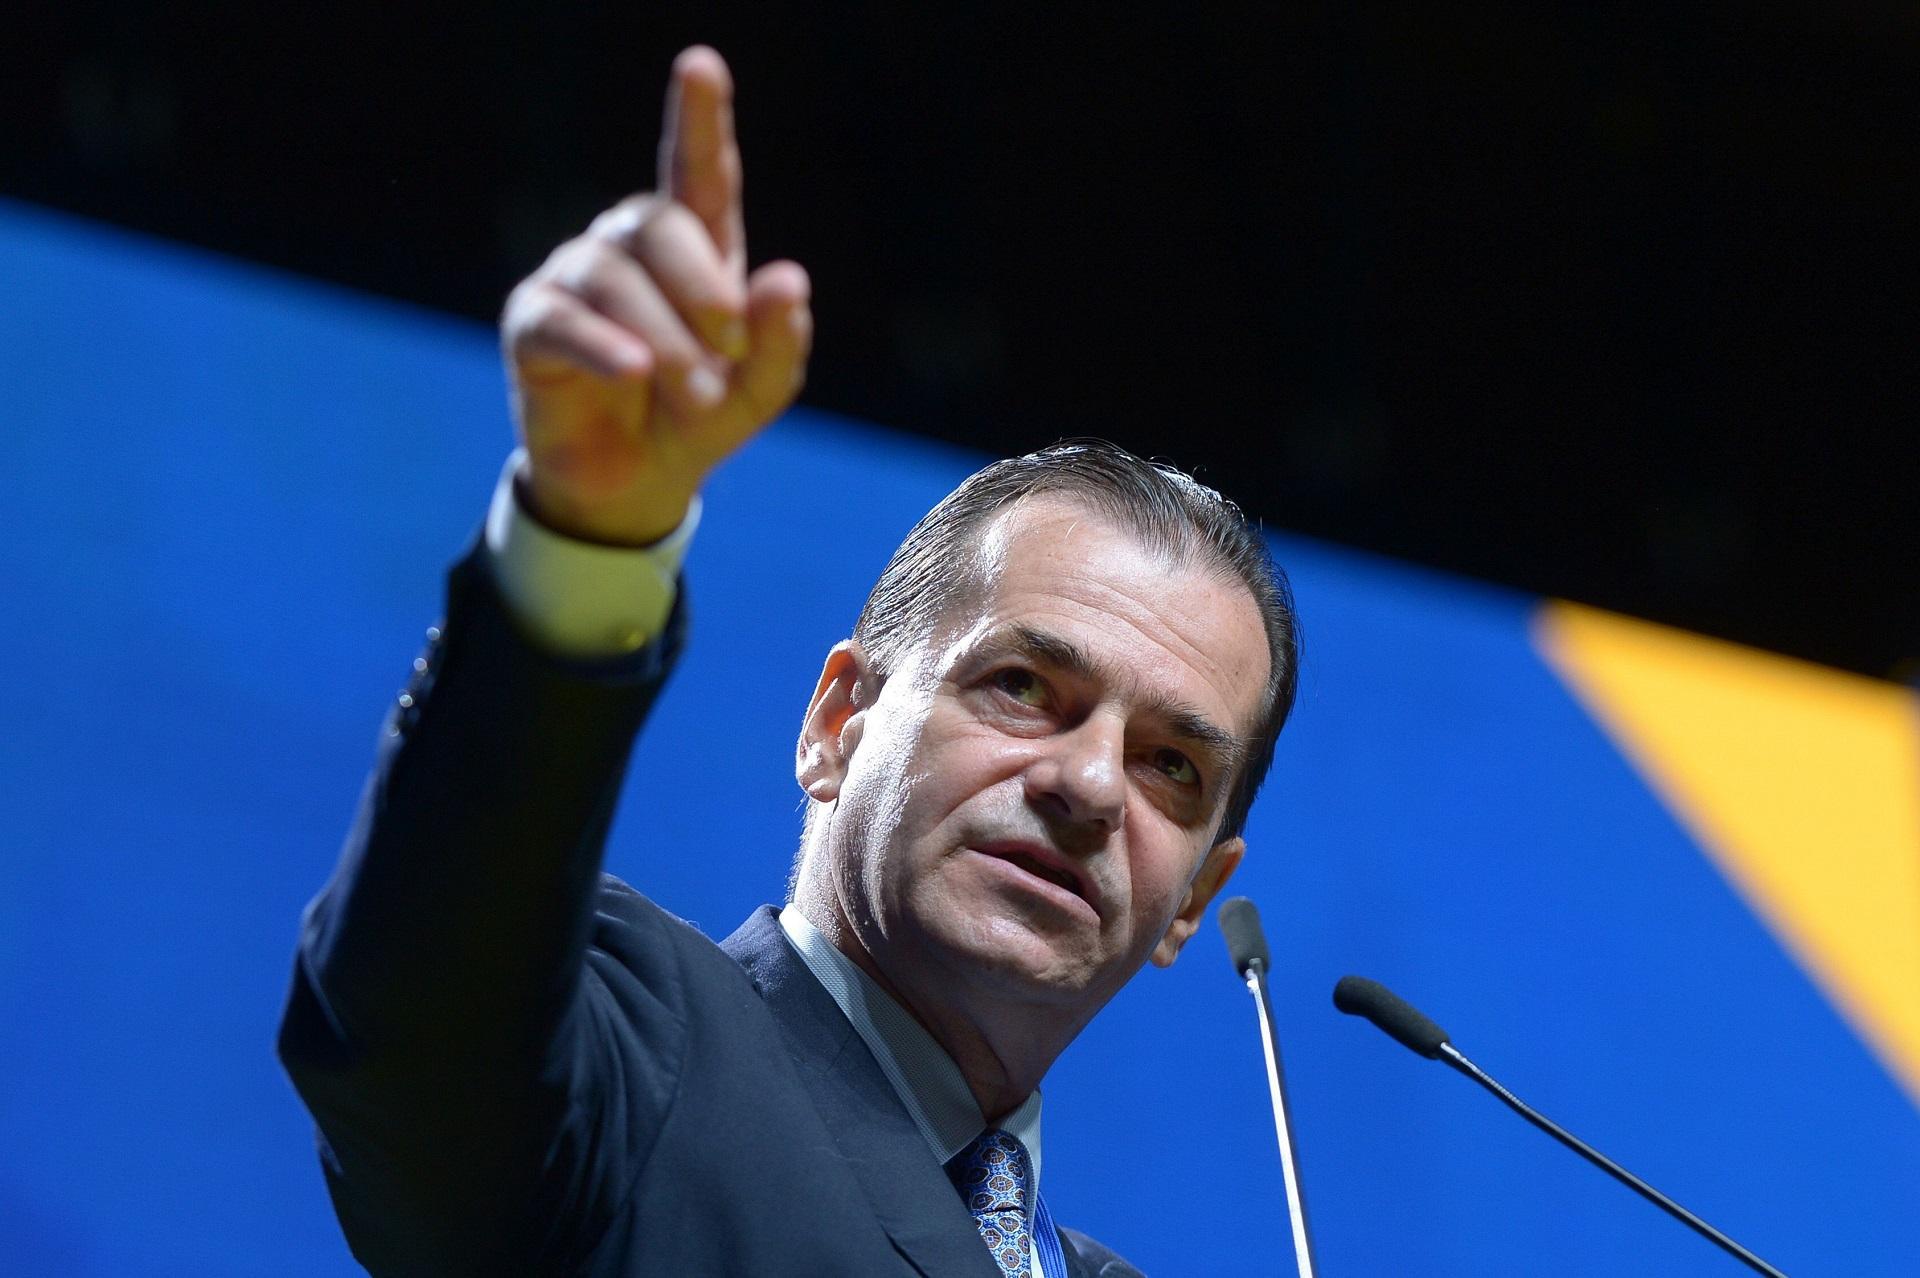 președintele PNL Ludovic Orban